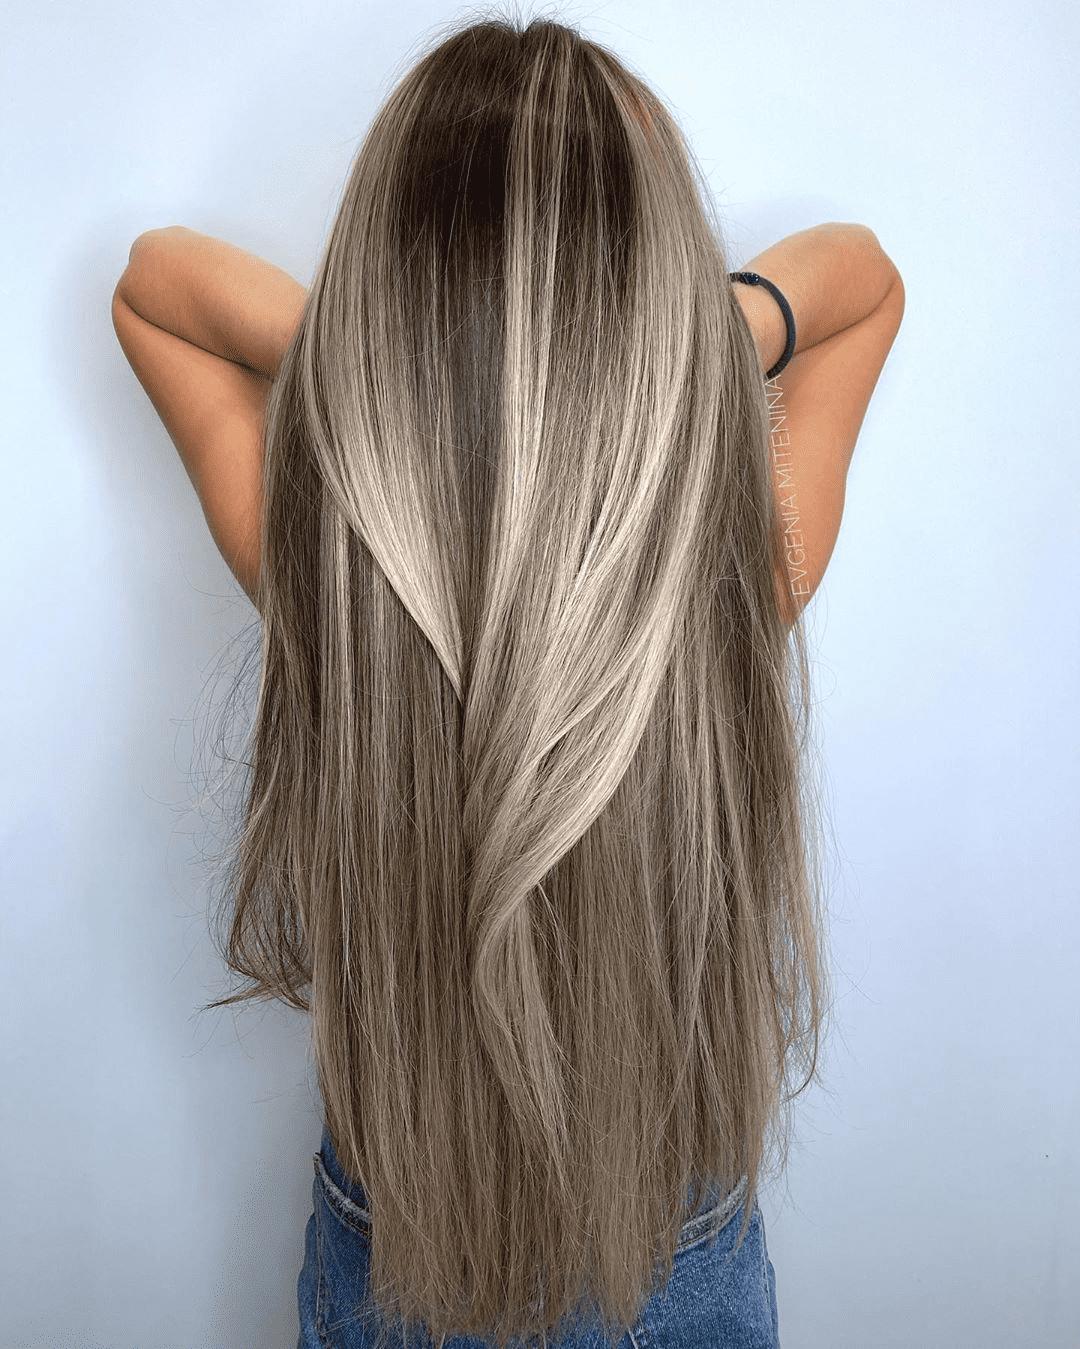 парикмахерские услуги в салоне